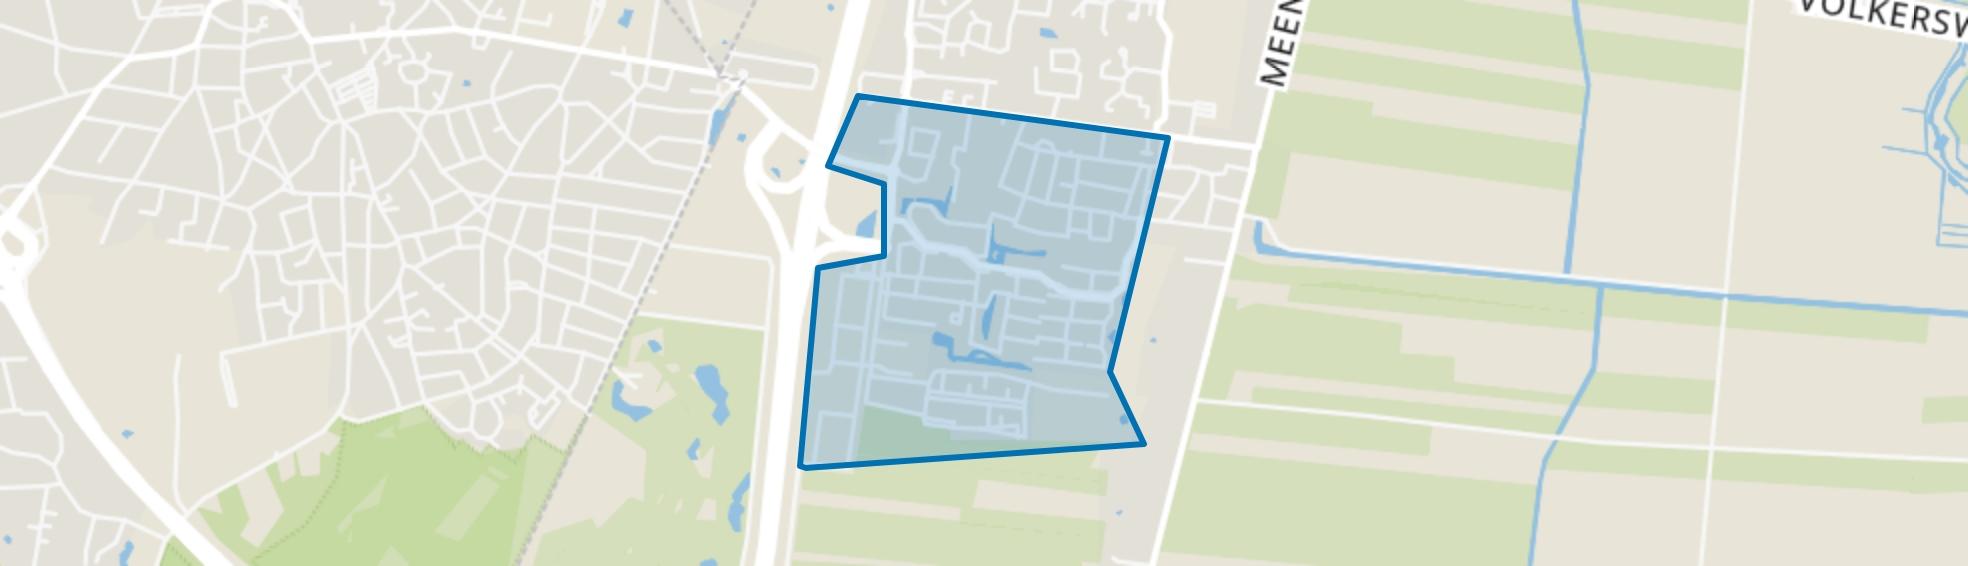 Zuidbuurt, Eemnes map